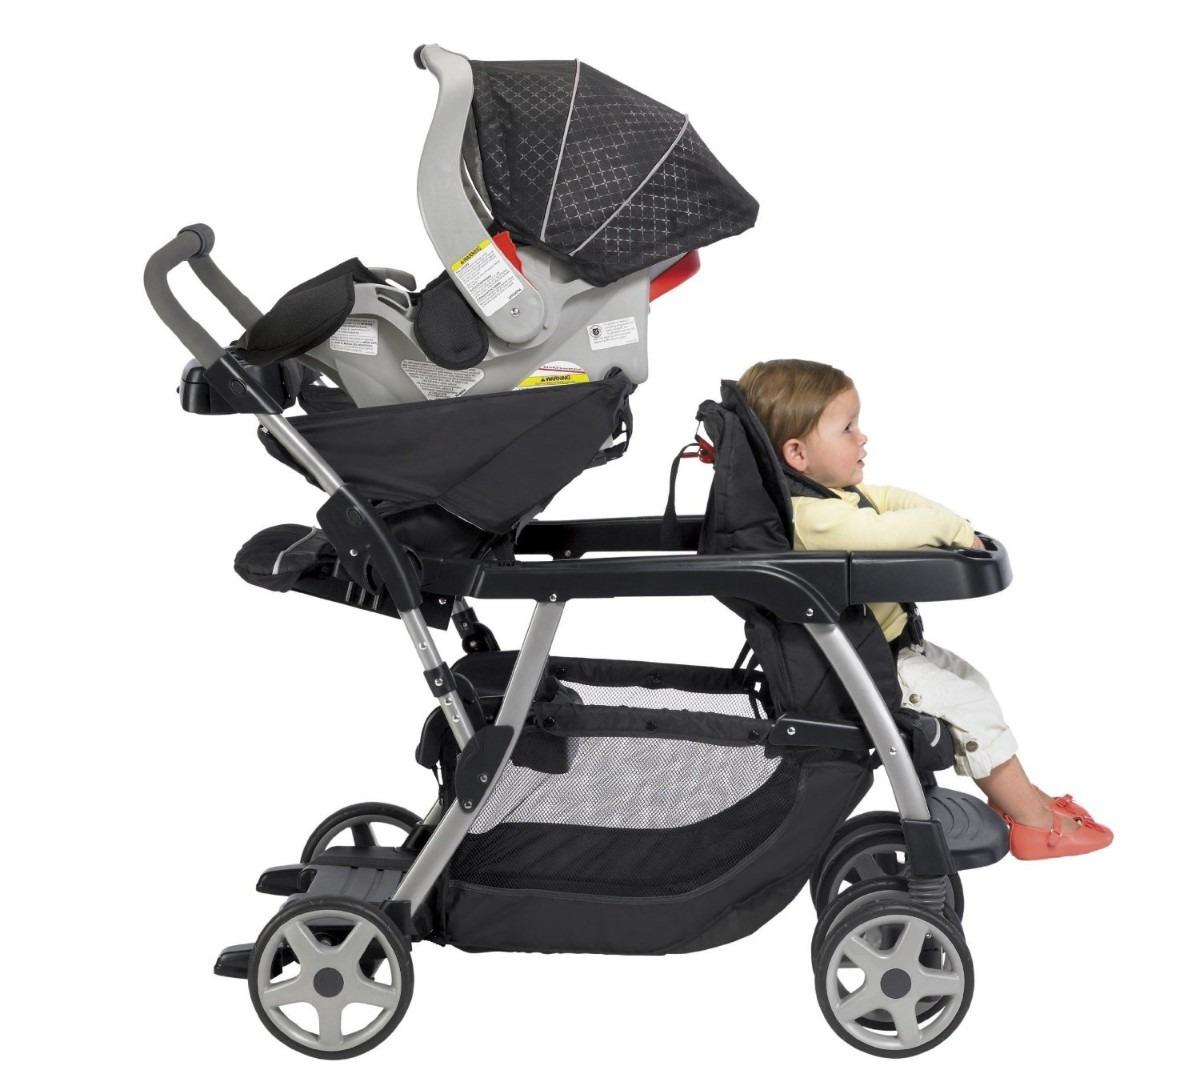 carreola para bebe graco doble ready2grow hm4 5 en mercado libre. Black Bedroom Furniture Sets. Home Design Ideas